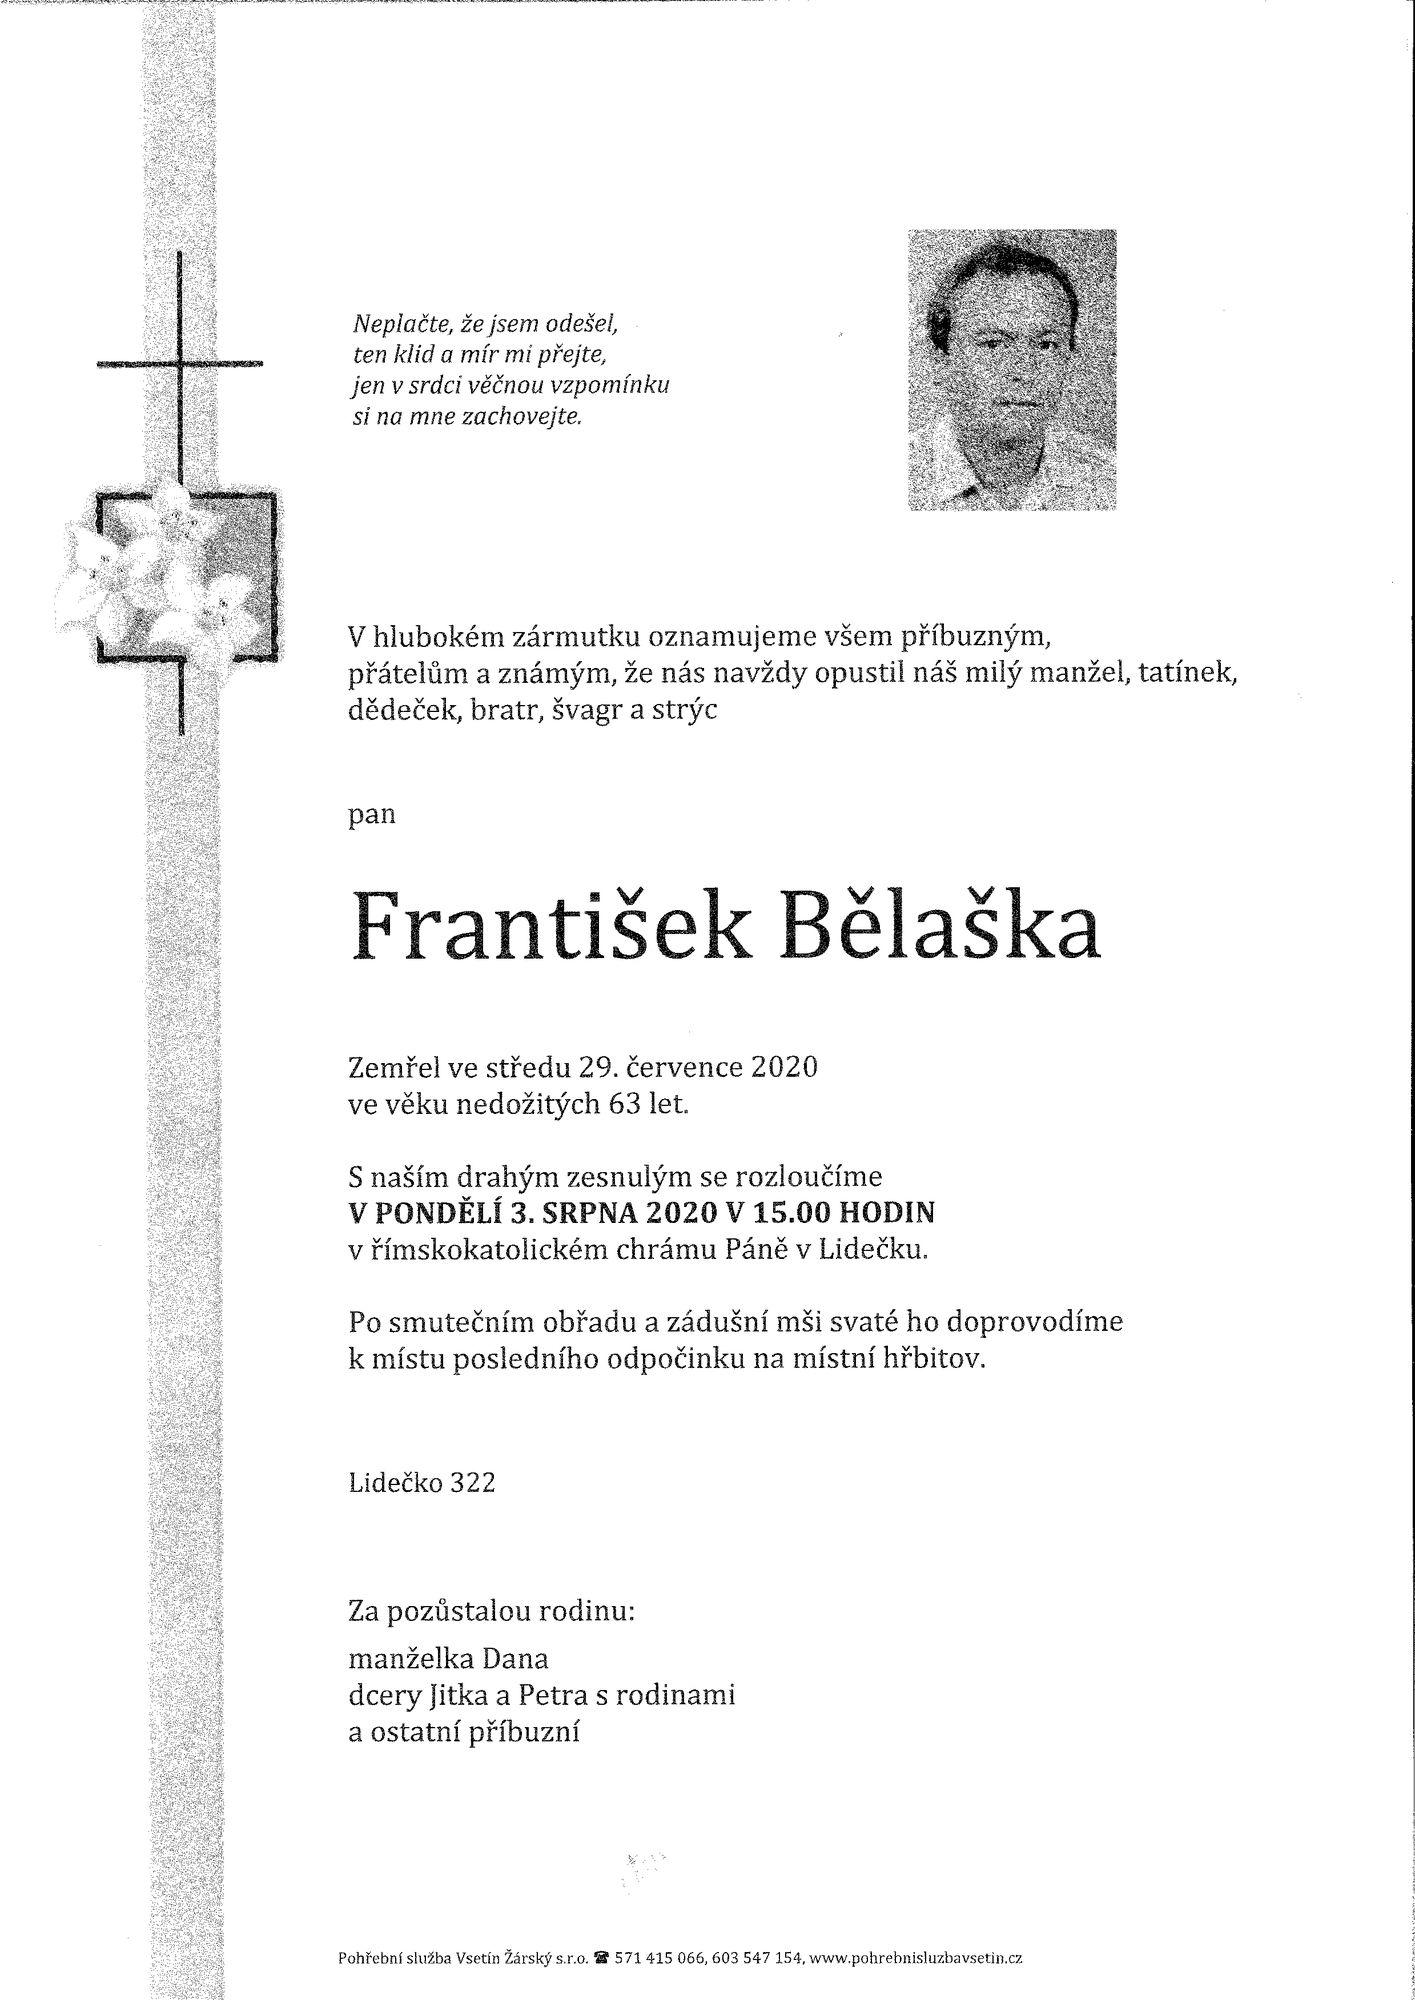 František Bělaška